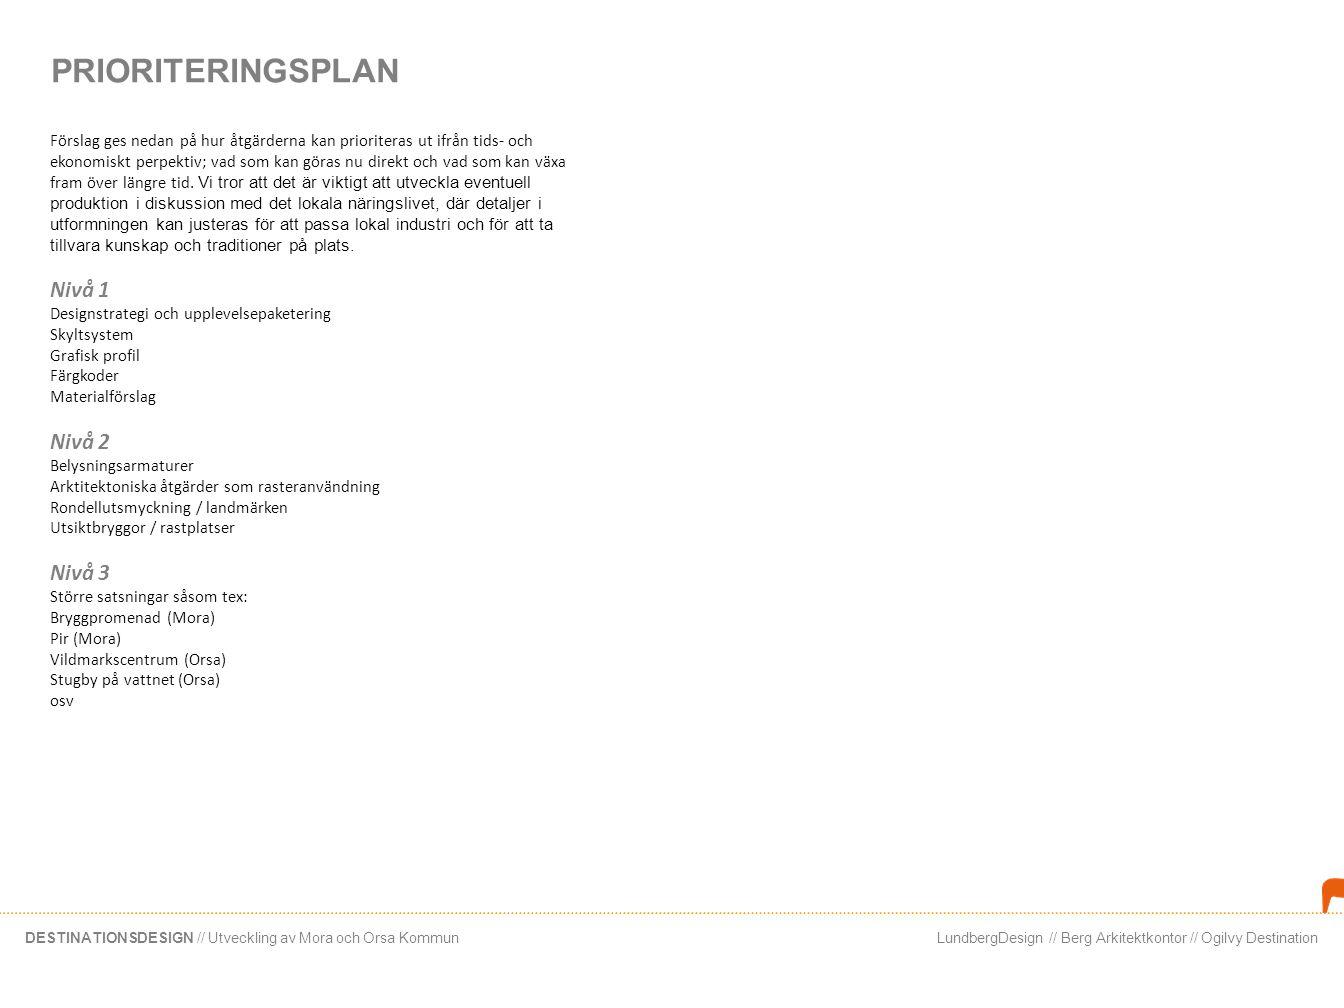 LundbergDesign // Berg Arkitektkontor // Ogilvy DestinationDESTINATIONSDESIGN // Utveckling av Mora och Orsa Kommun PRIORITERINGSPLAN Förslag ges neda